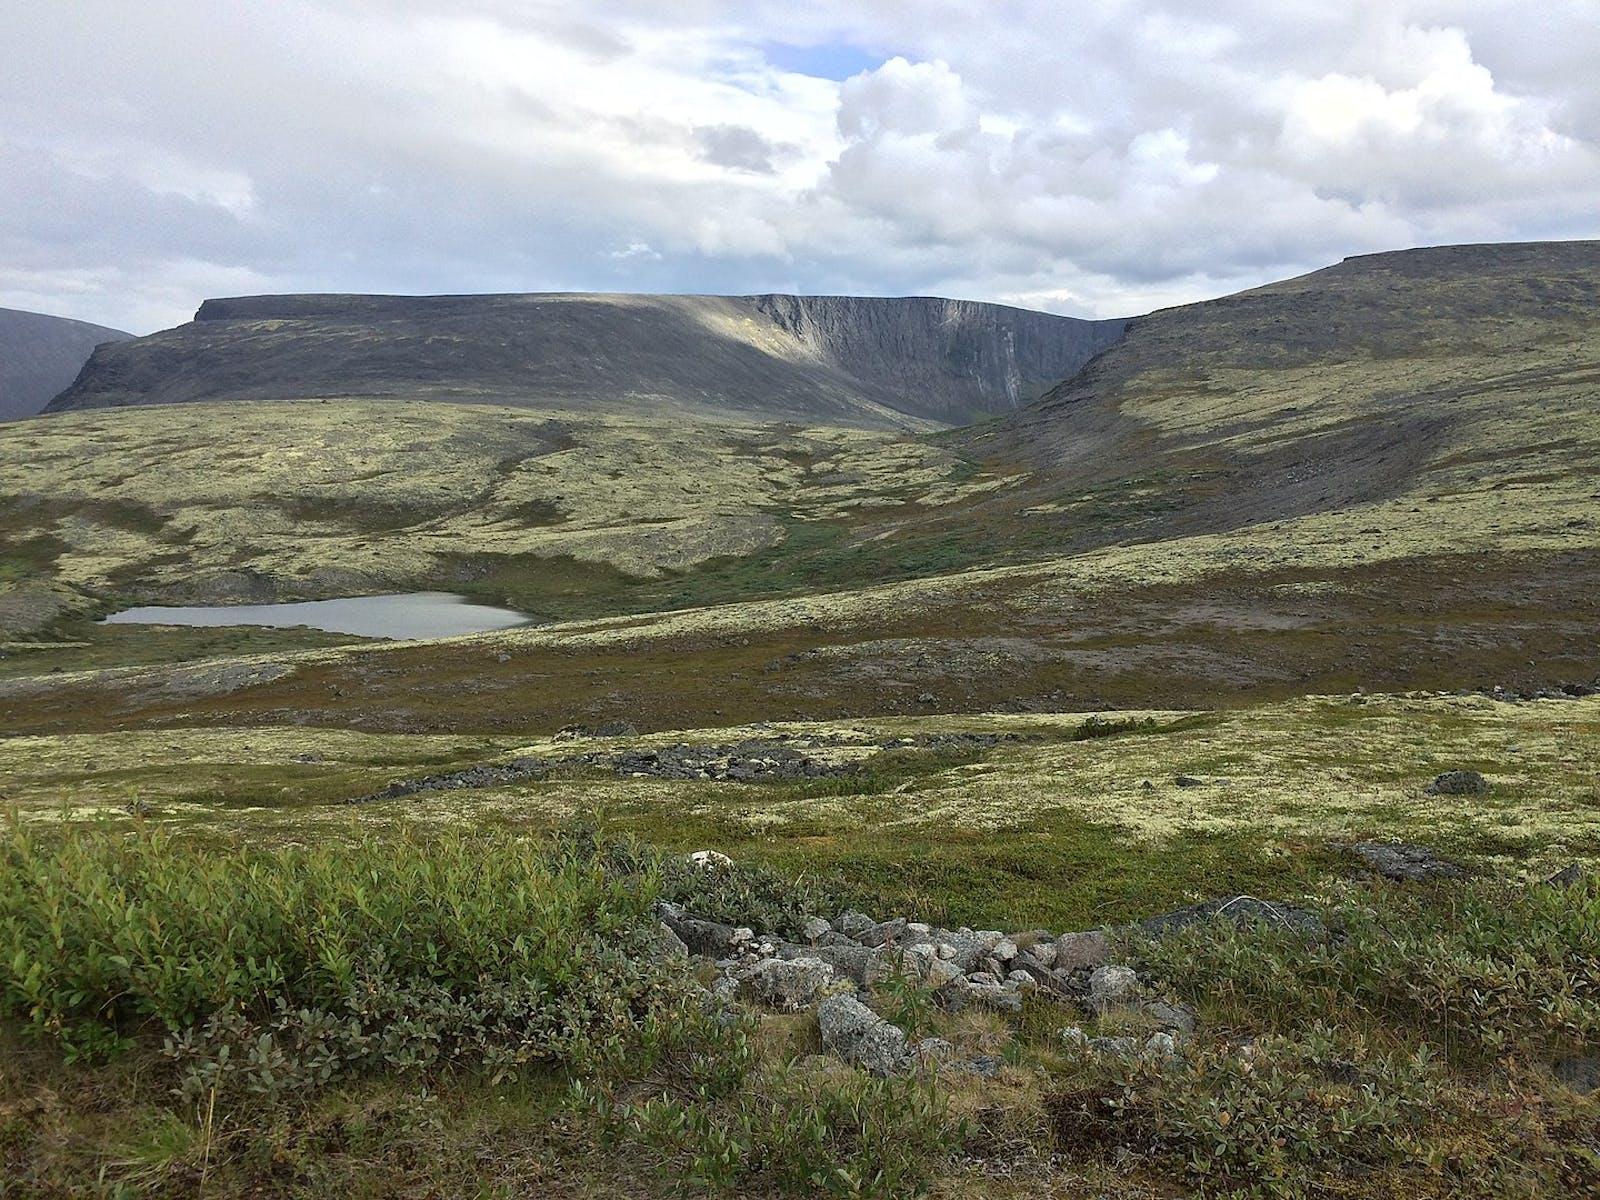 Kola Peninsula Tundra